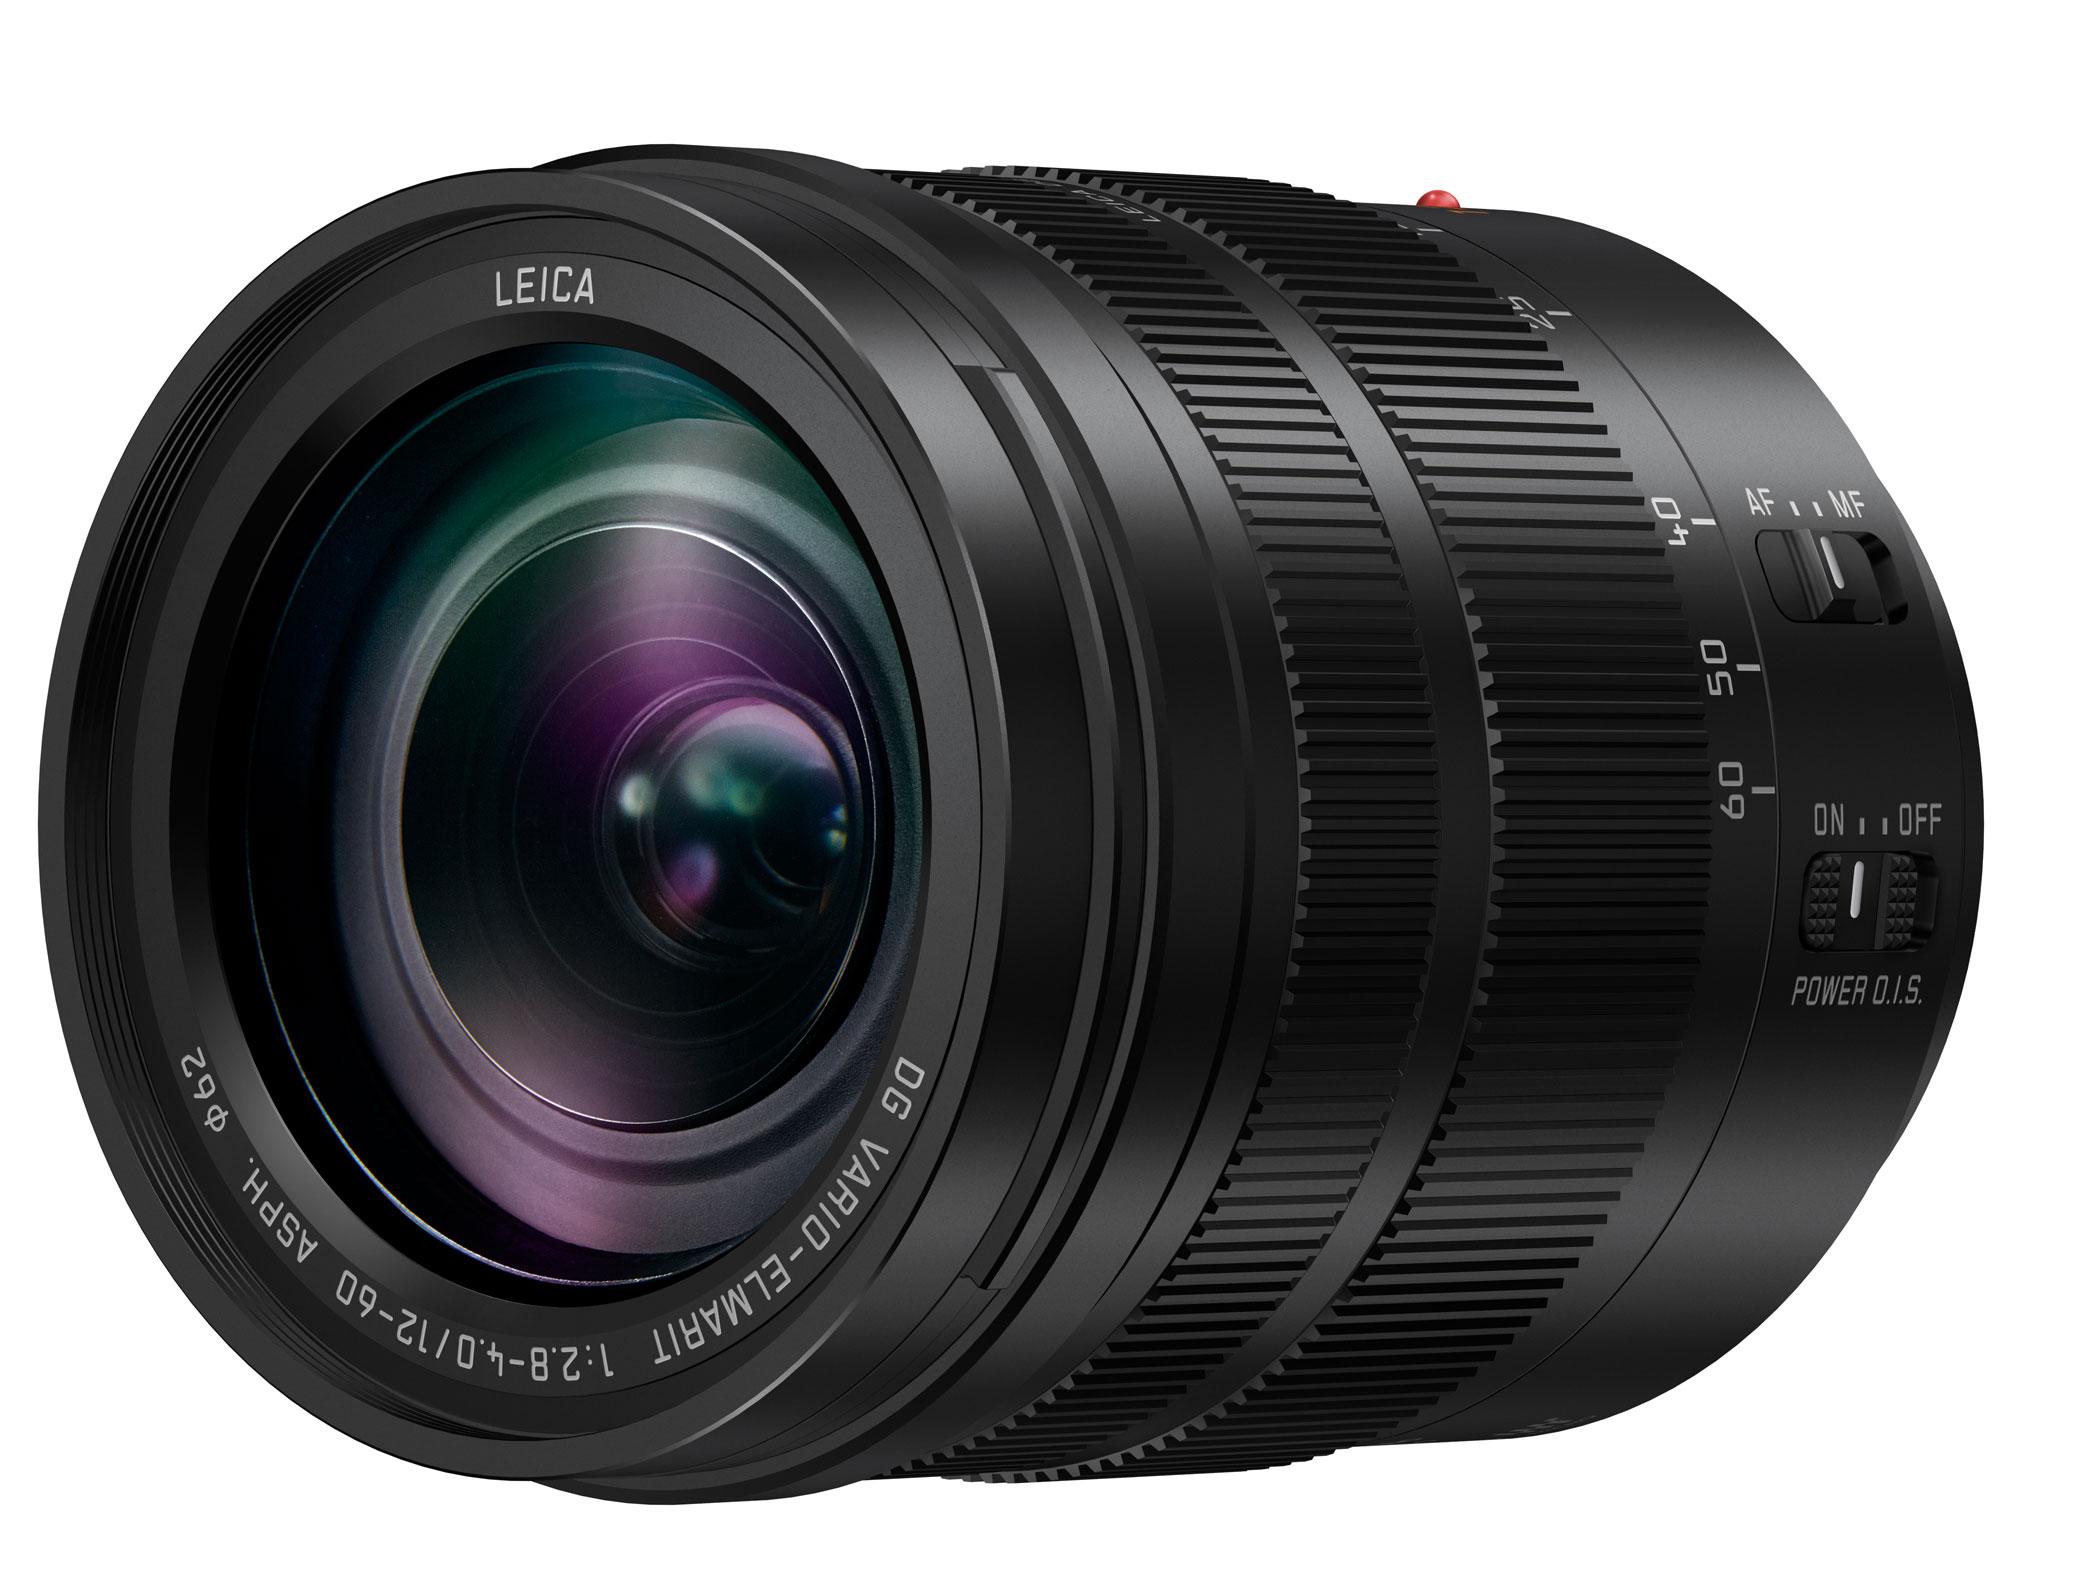 New MFT lenses from Panasonic - inter alia Leica 12-60mm // CES 2017